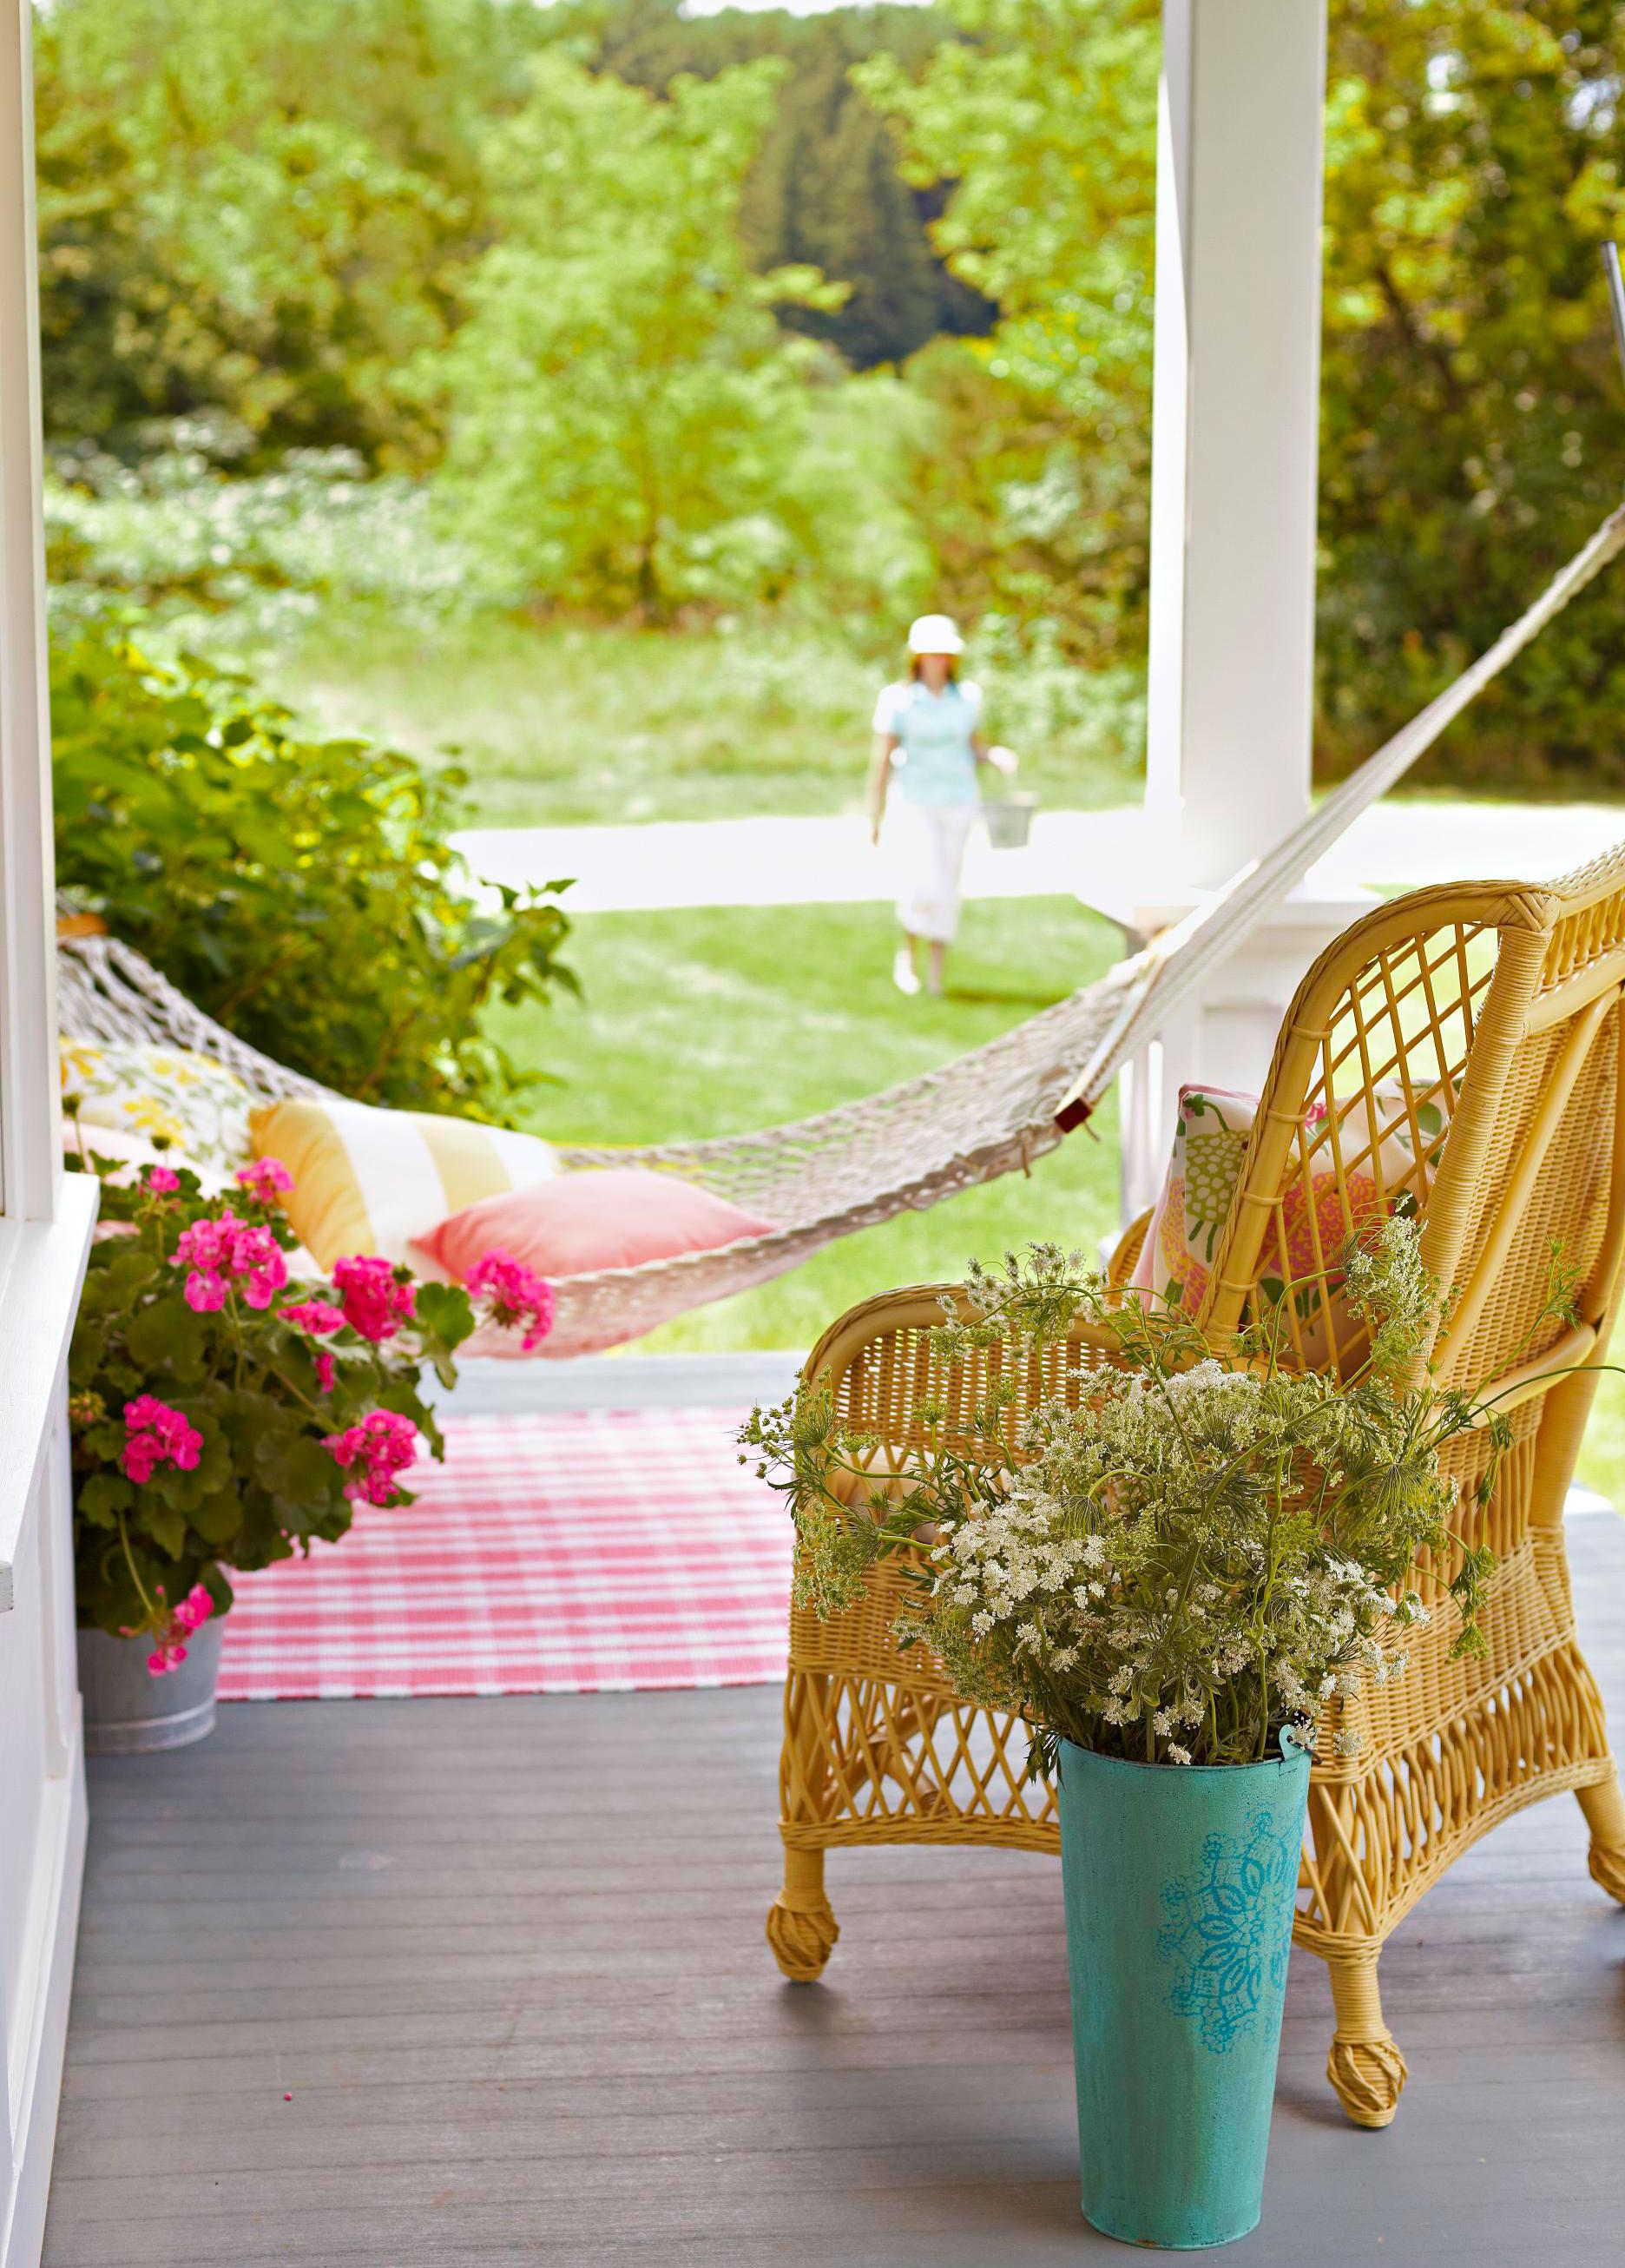 Add a hammock